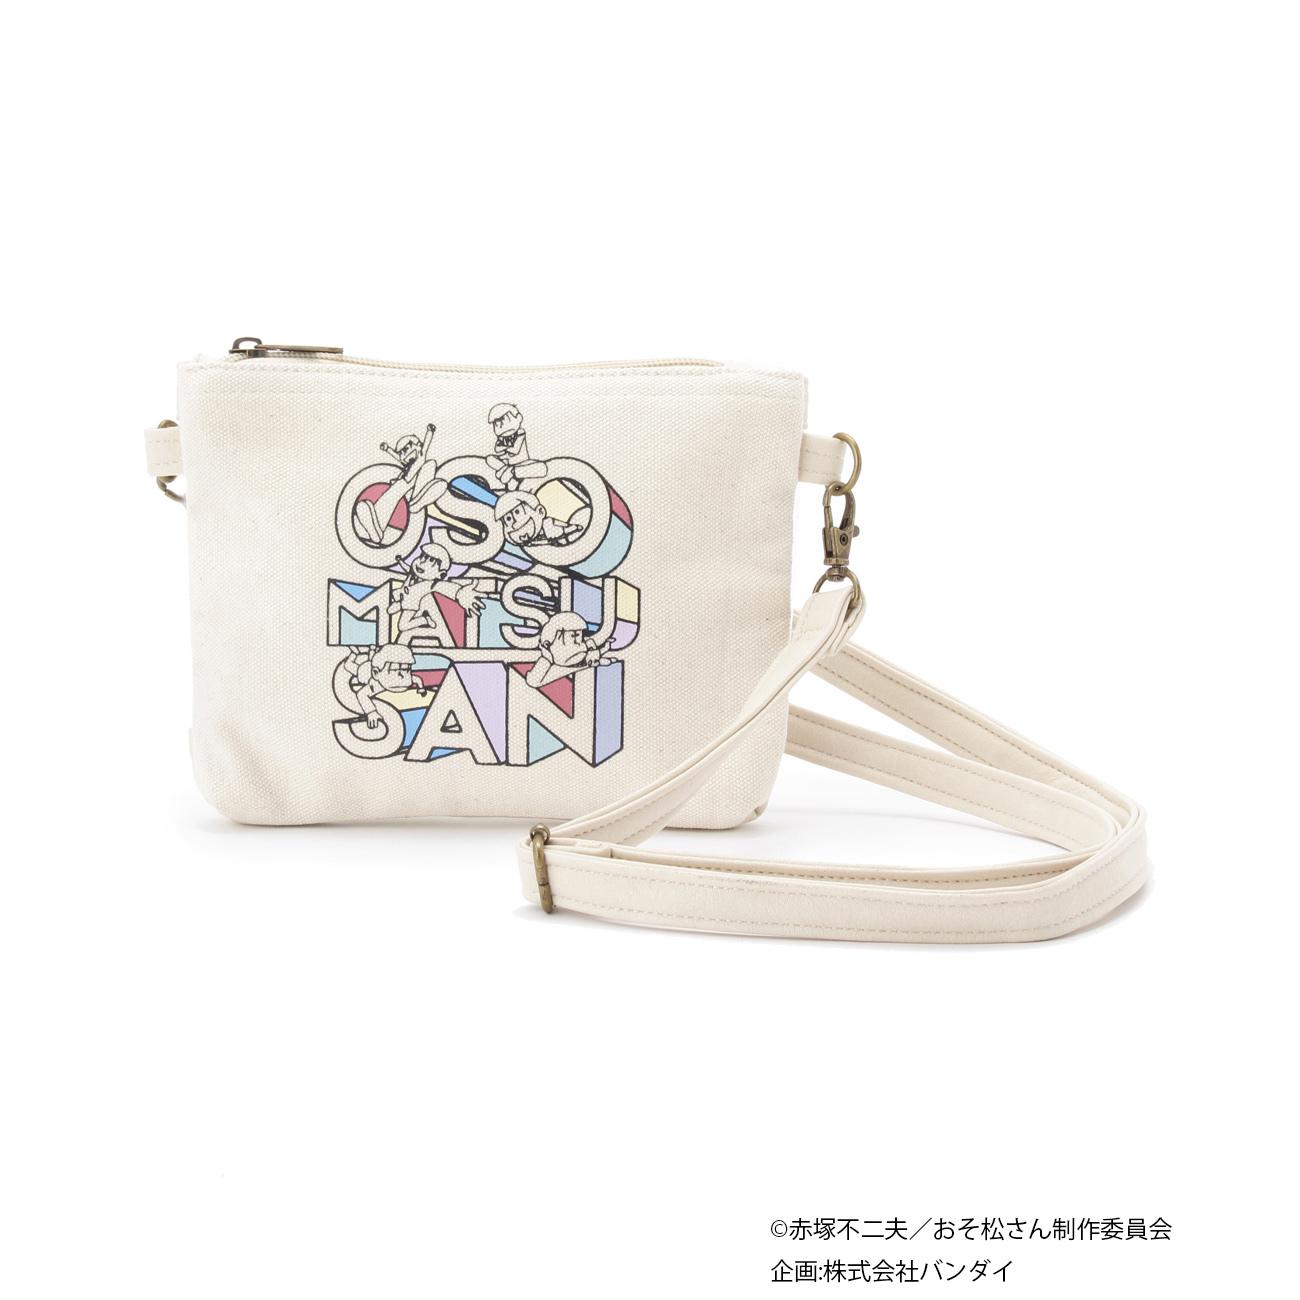 おそ松さん携帯ポーチ ¥2,990/ホワイト・ブルー系